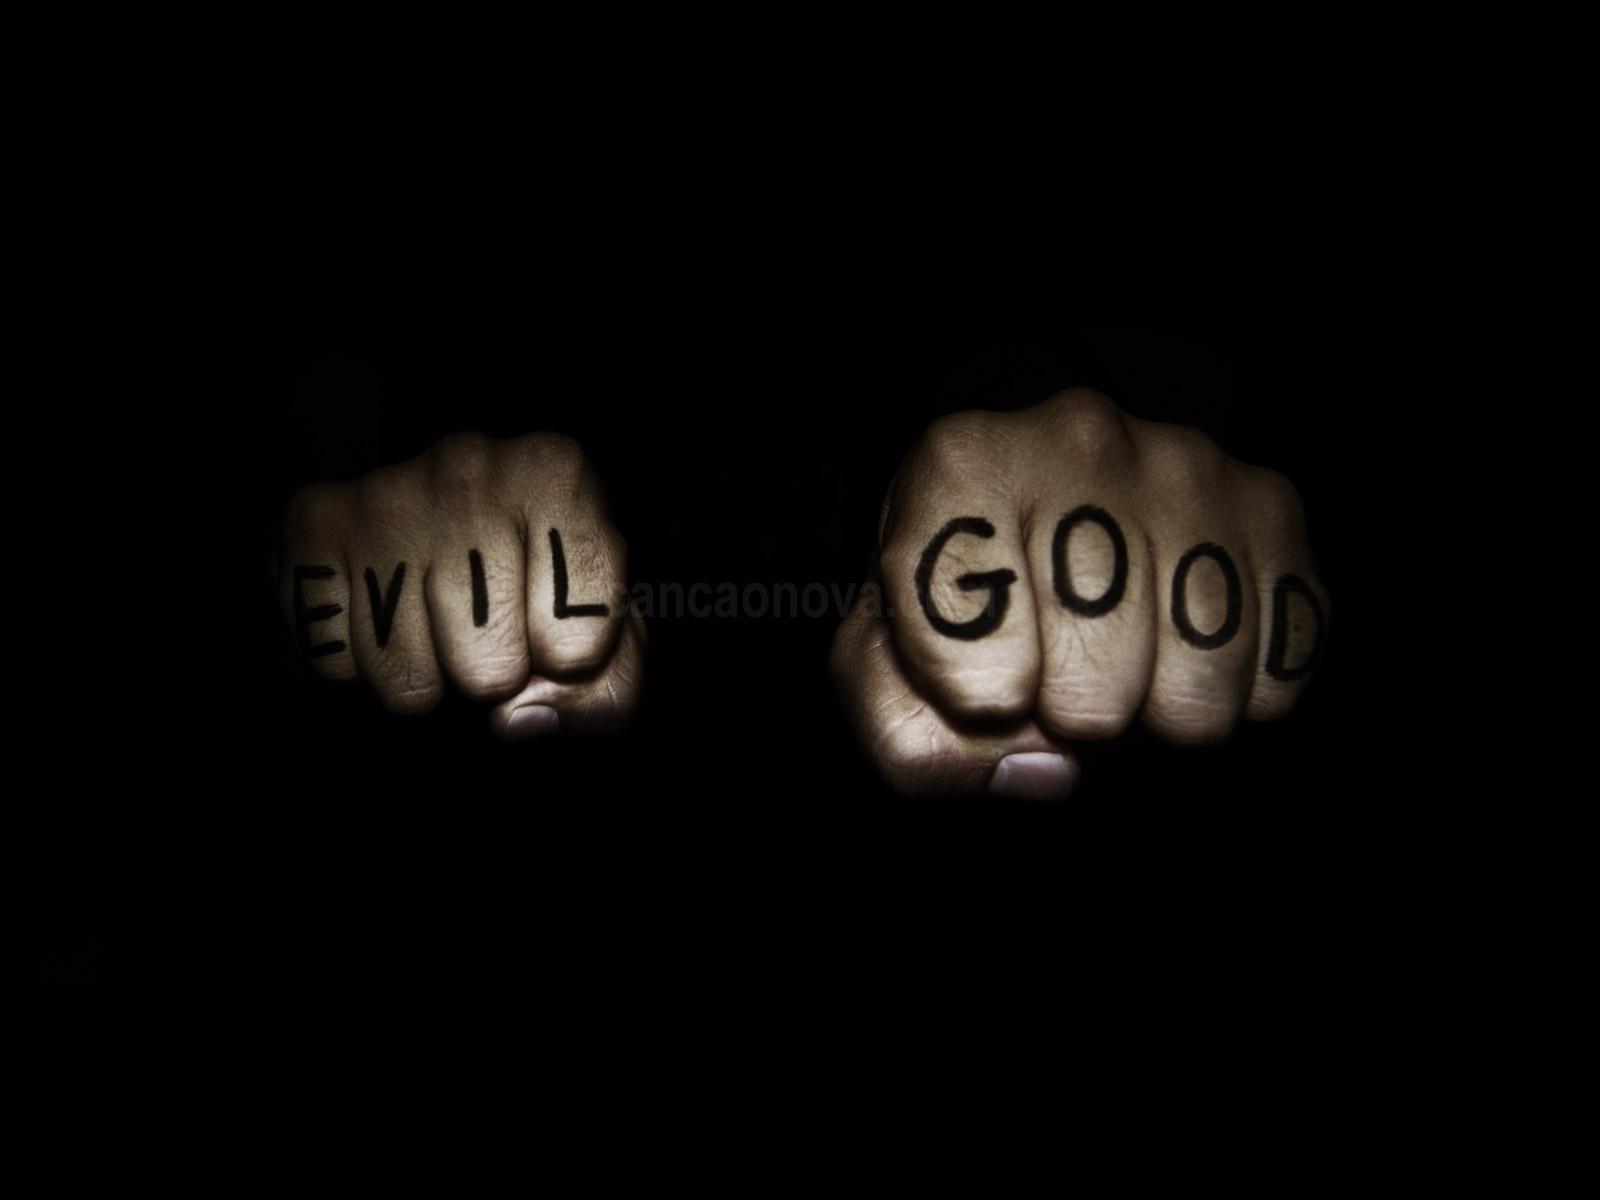 Se existe o mal, existe Deus -1600x1200